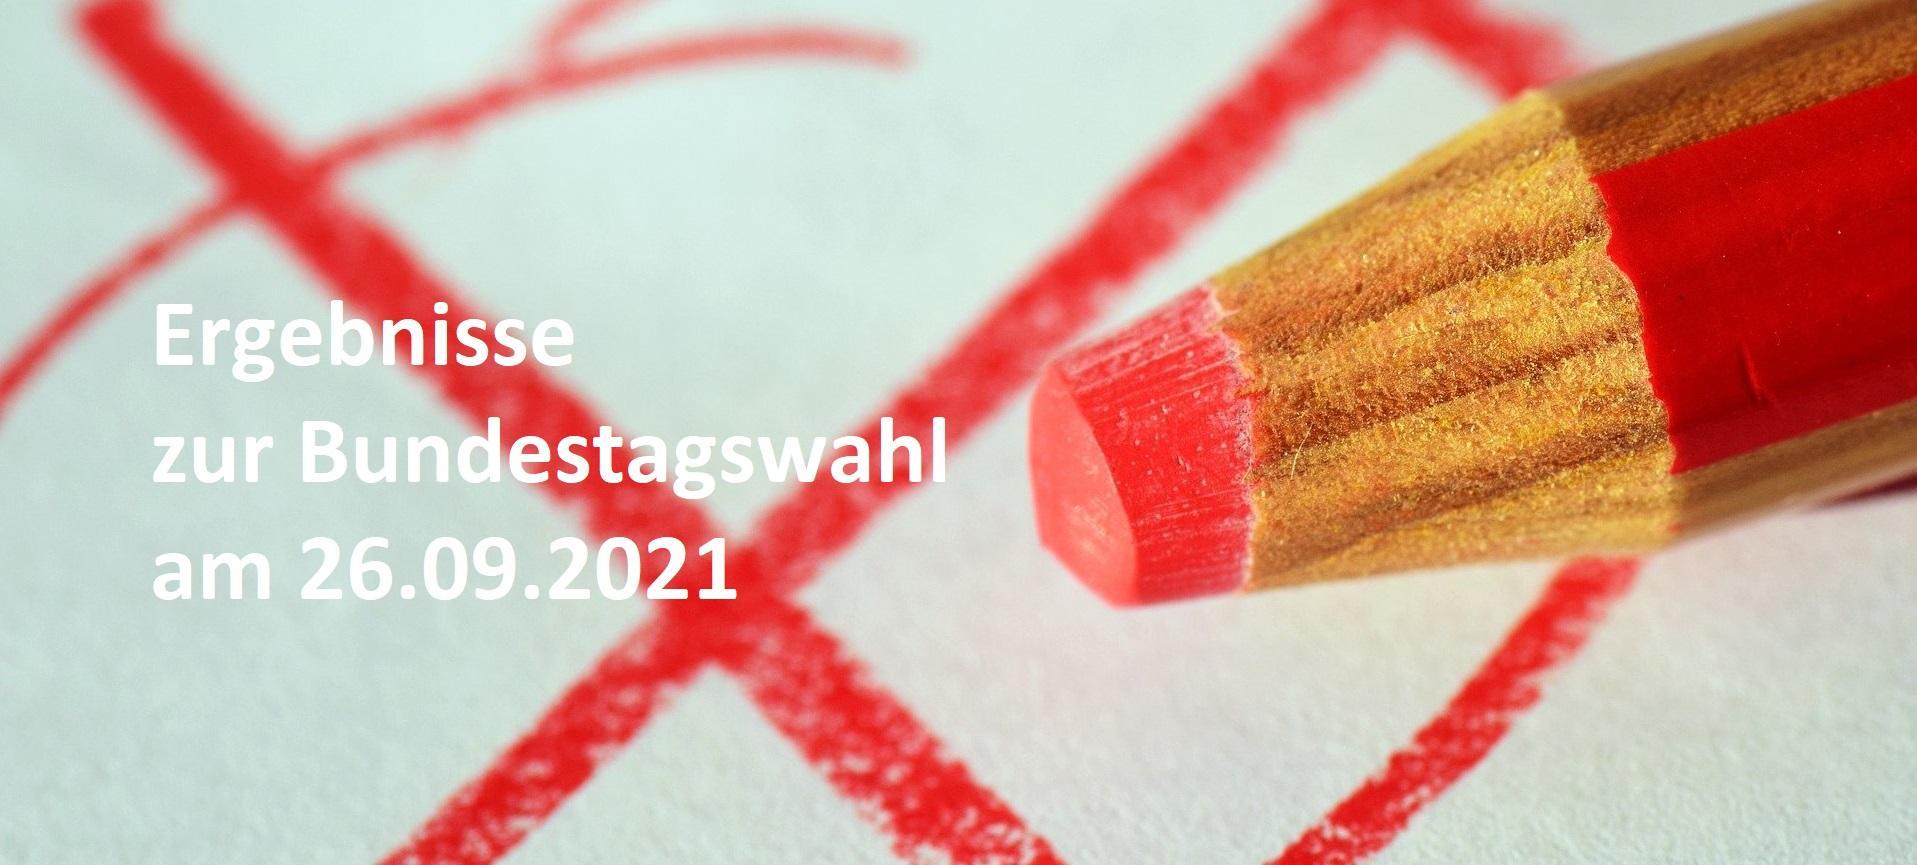 Ergebnisse zur Bundestagswahl 2021